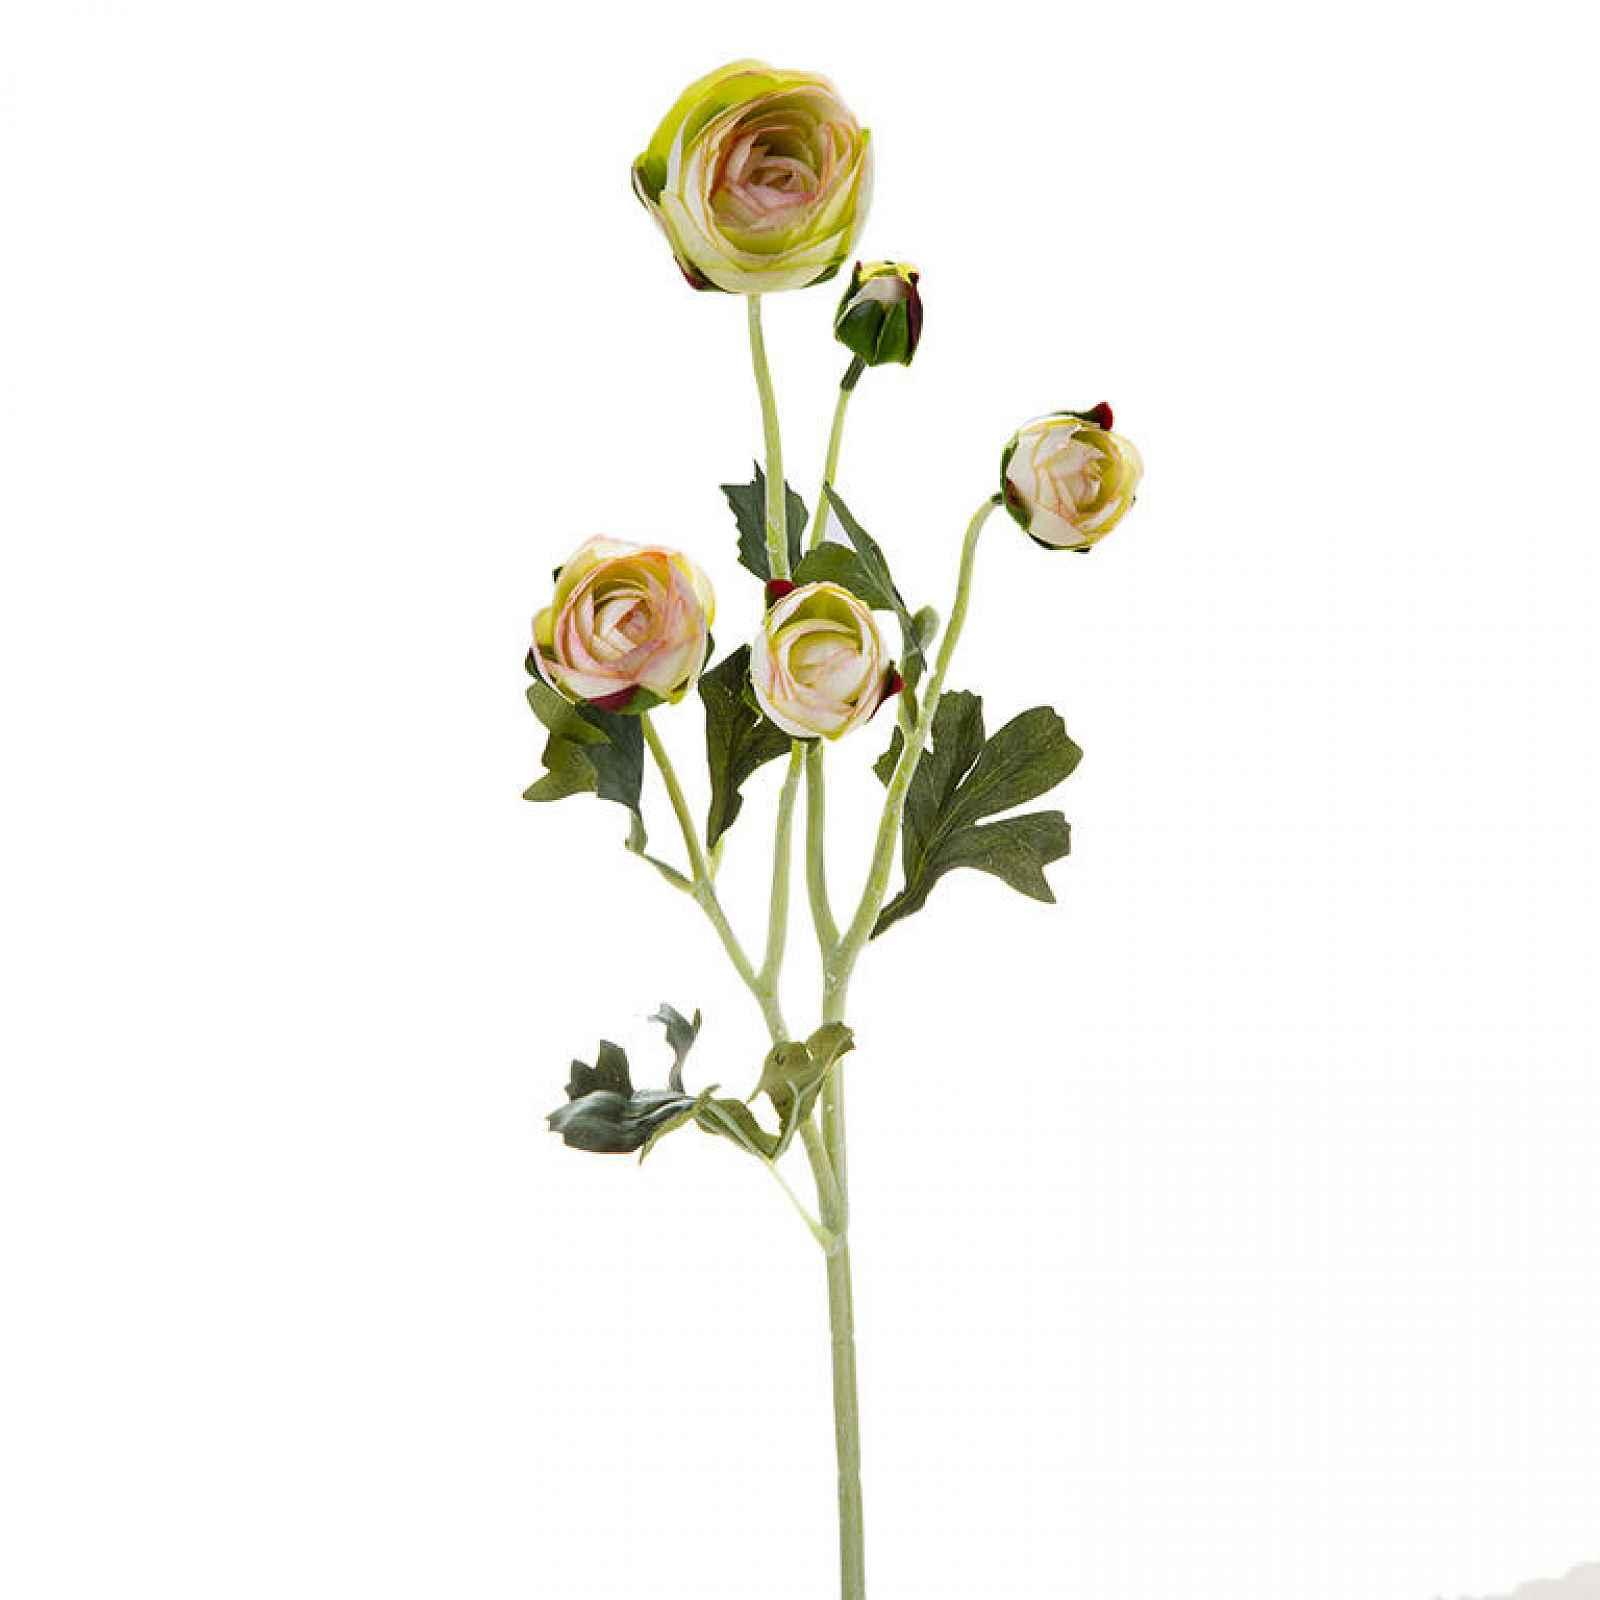 Umělý ranunkulus 5 květů, světle žlutá